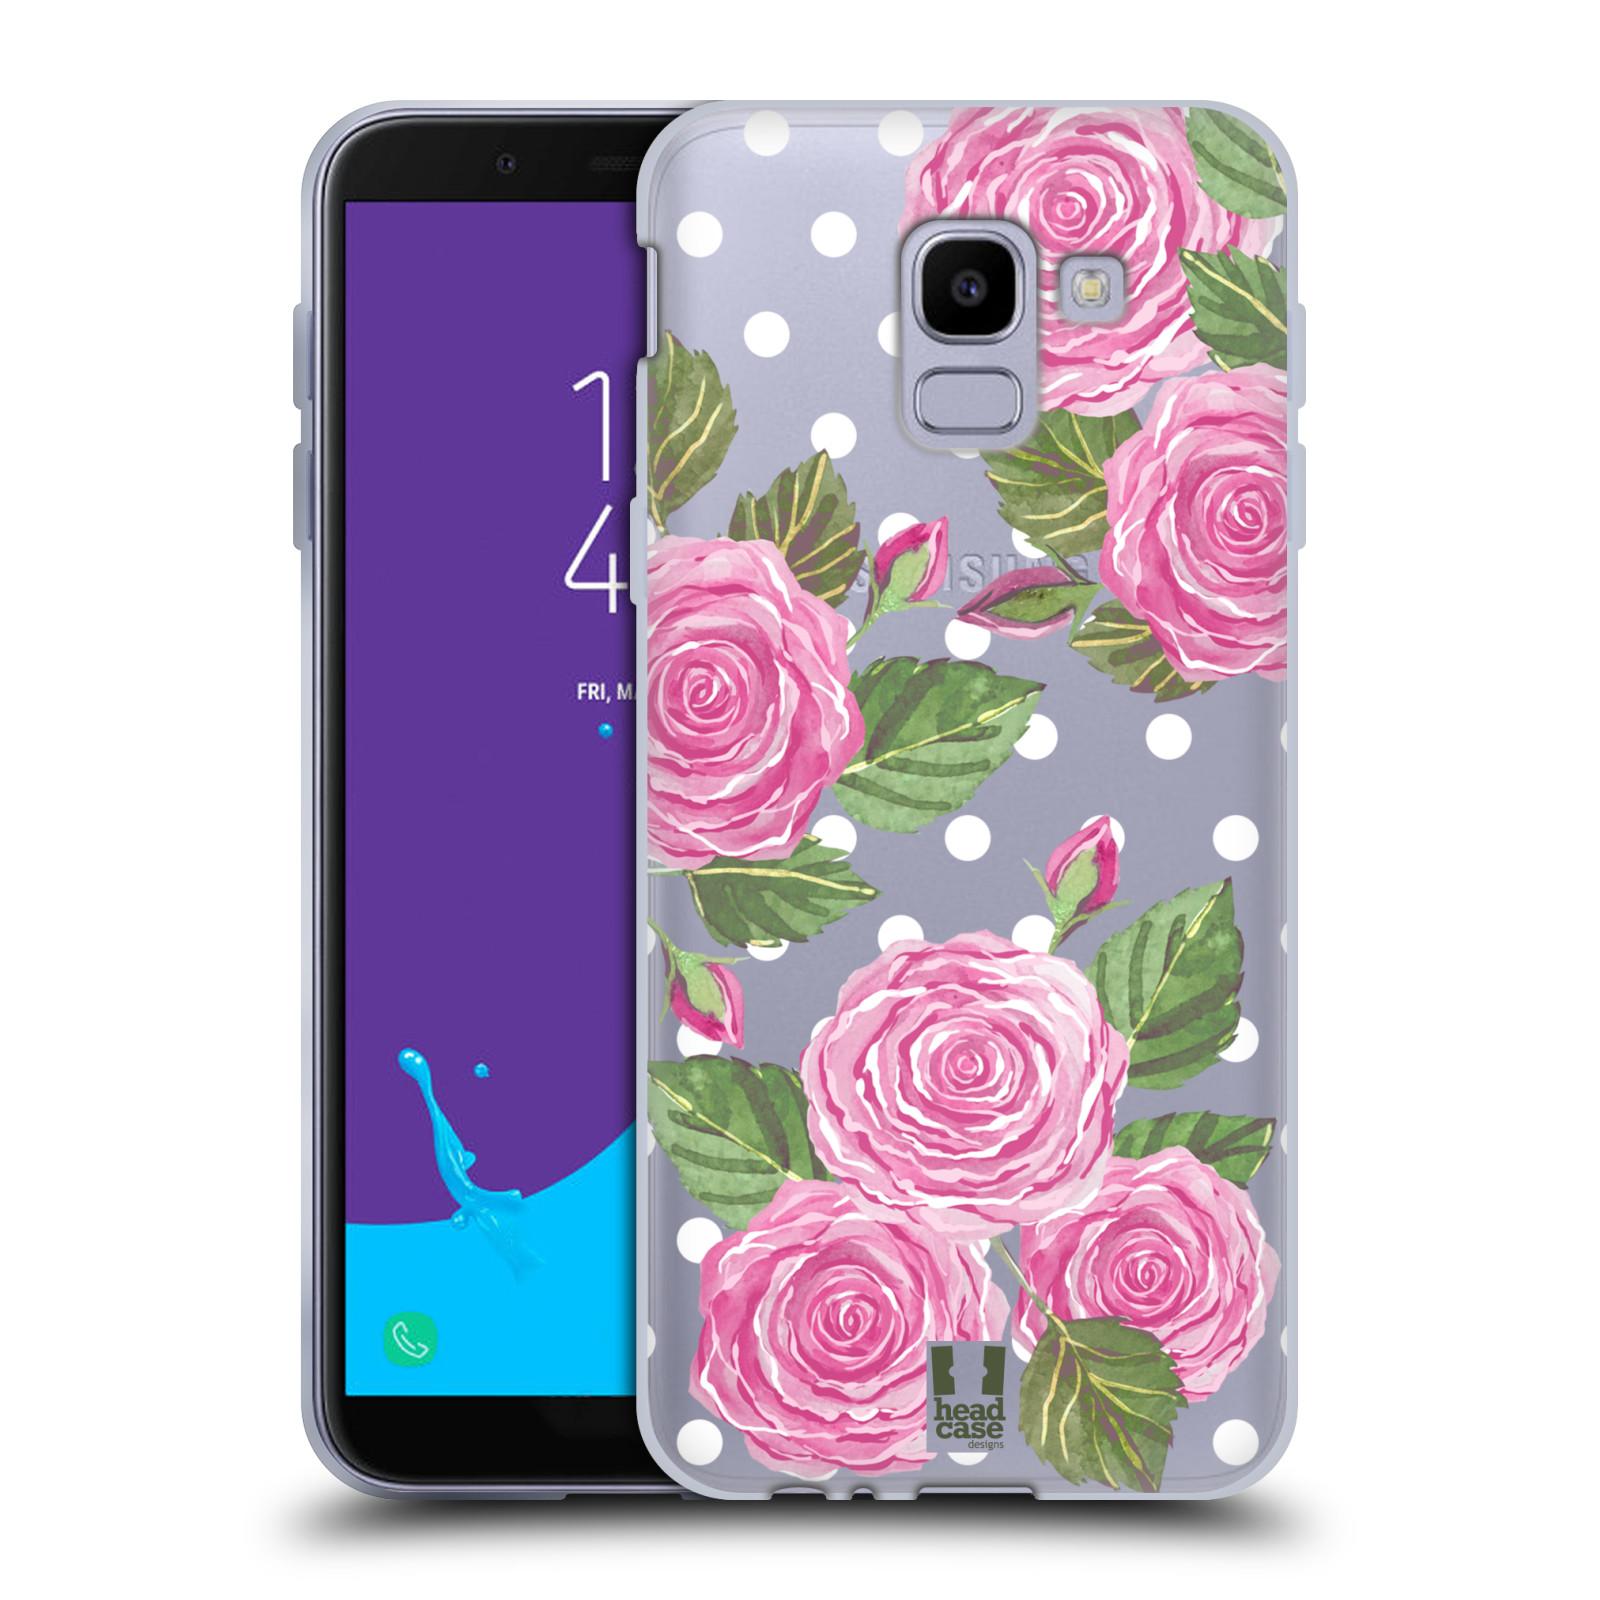 Silikonové pouzdro na mobil Samsung Galaxy J6 (2018) - Head Case - Hezoučké růžičky - průhledné